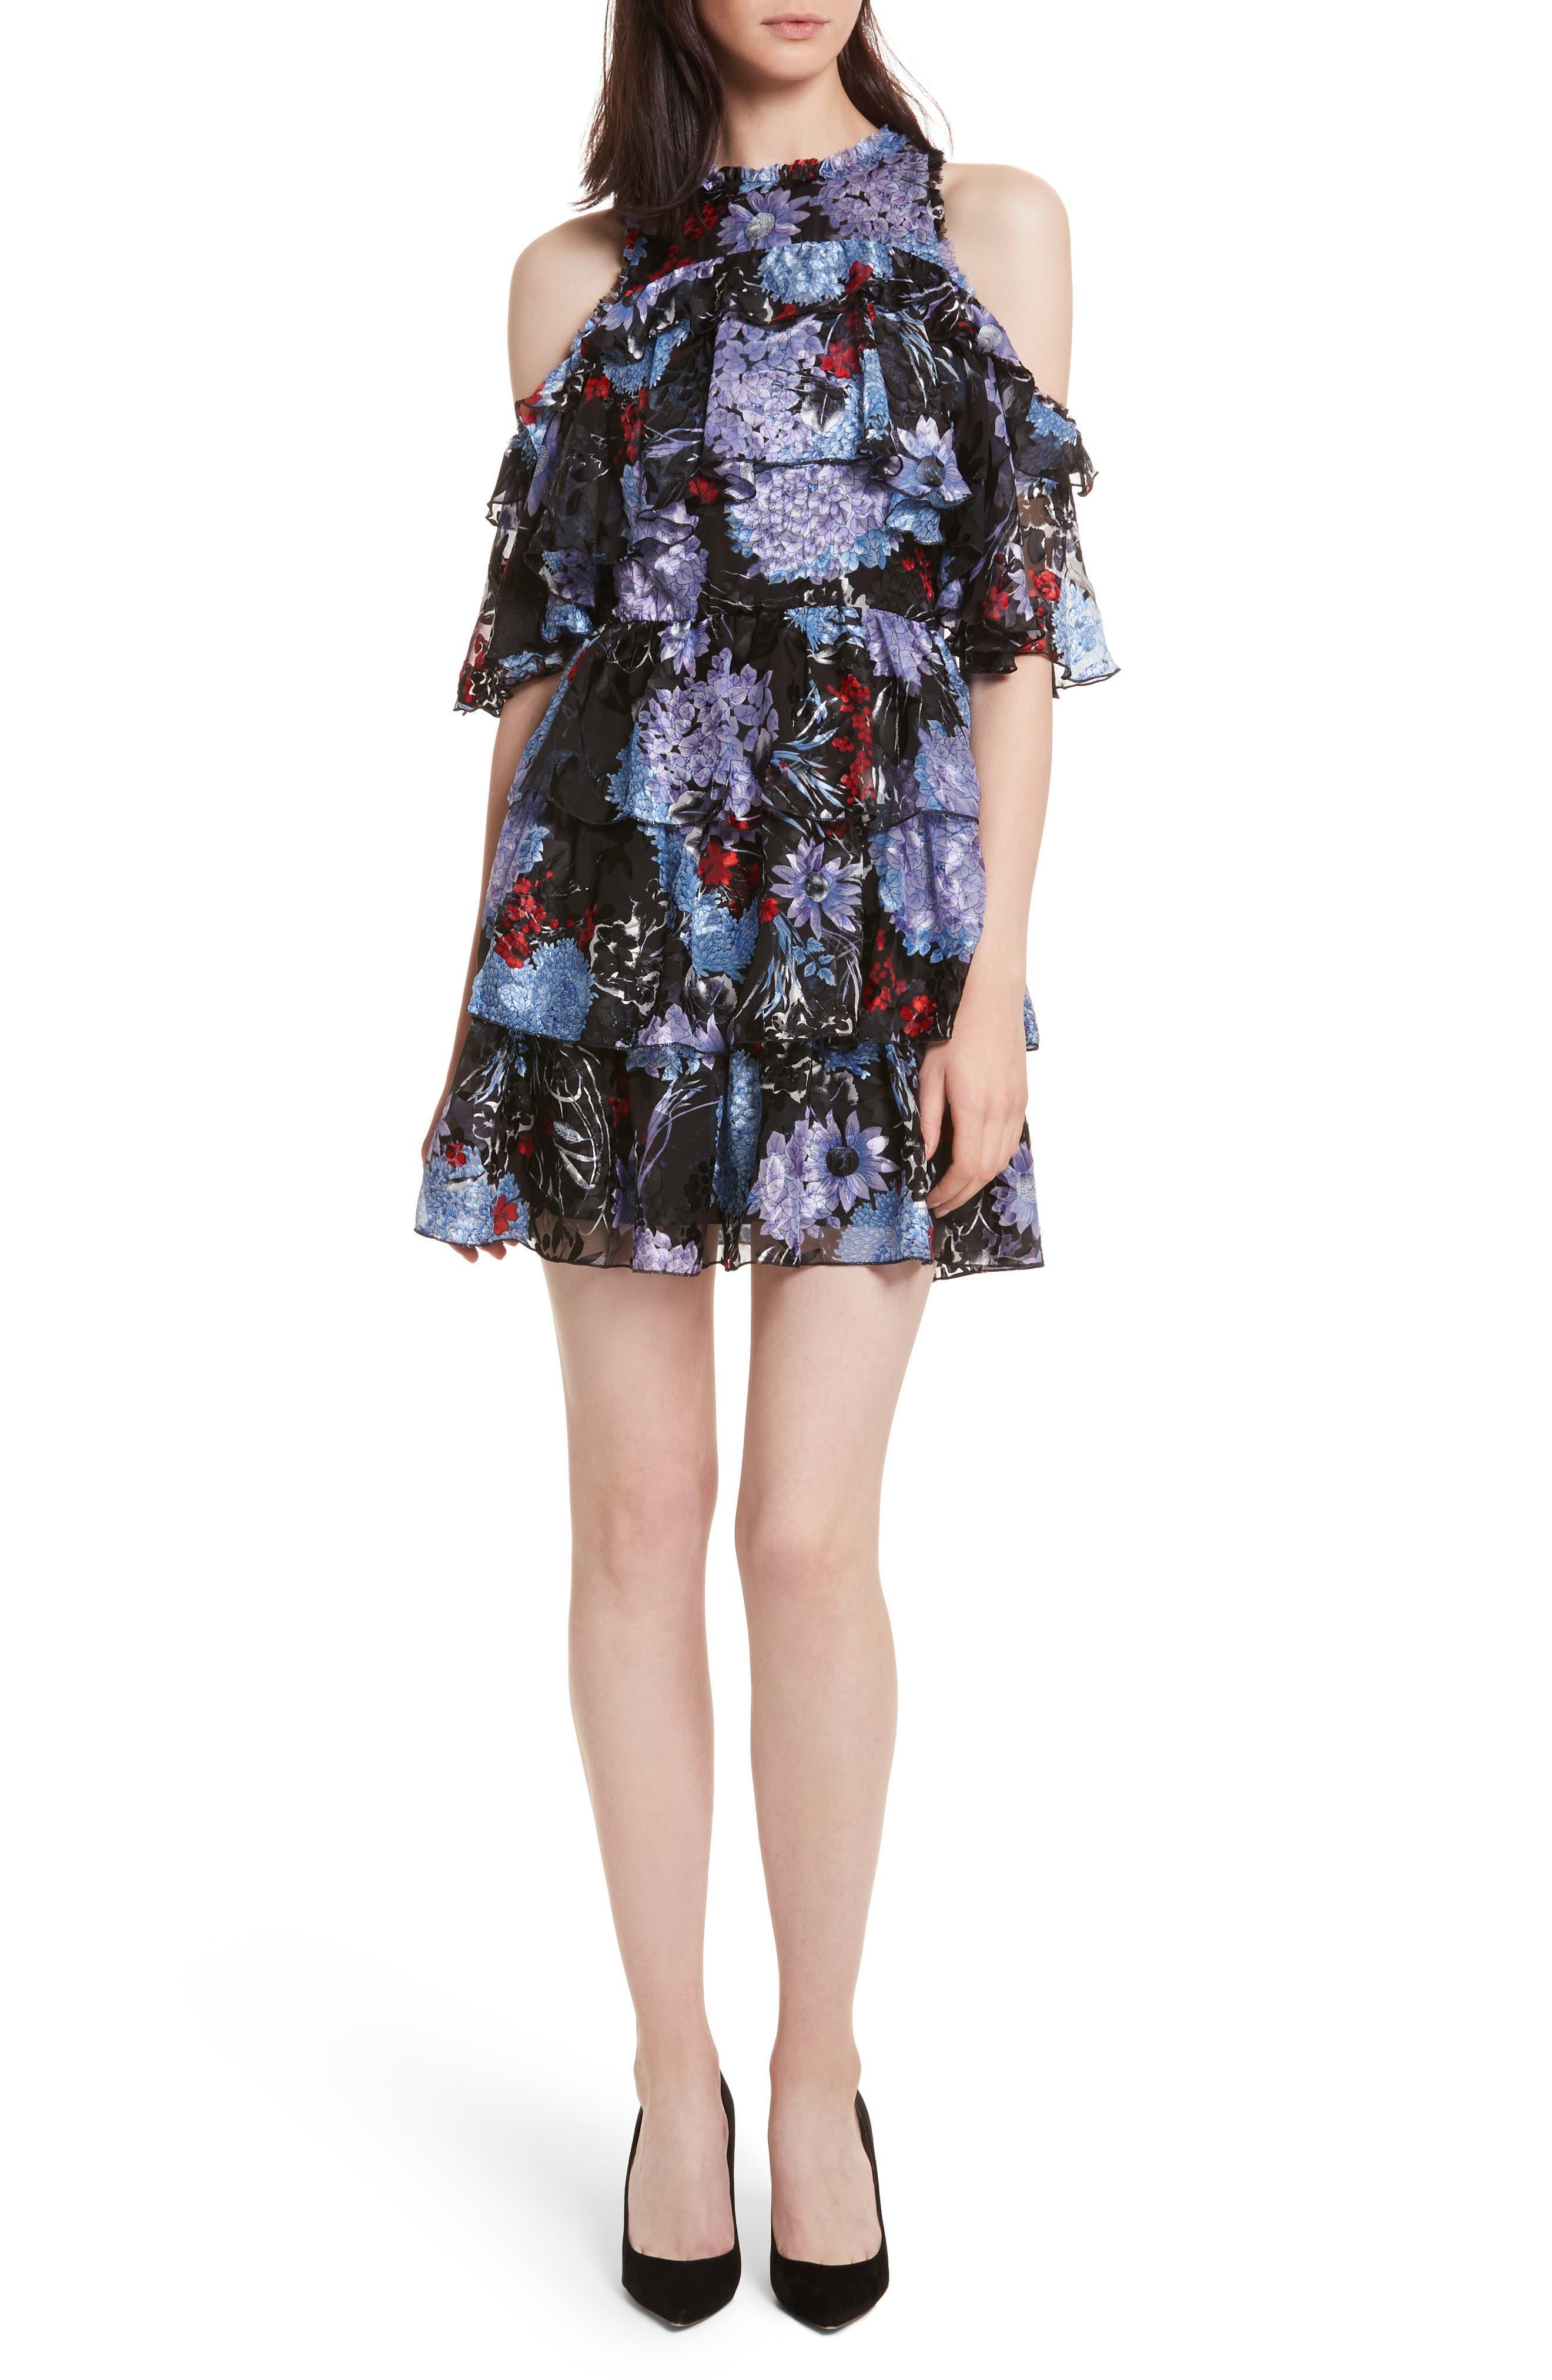 Alternate Image 1 Selected - Alice + Olivia Nichola Cold Shoulder Floral Dress